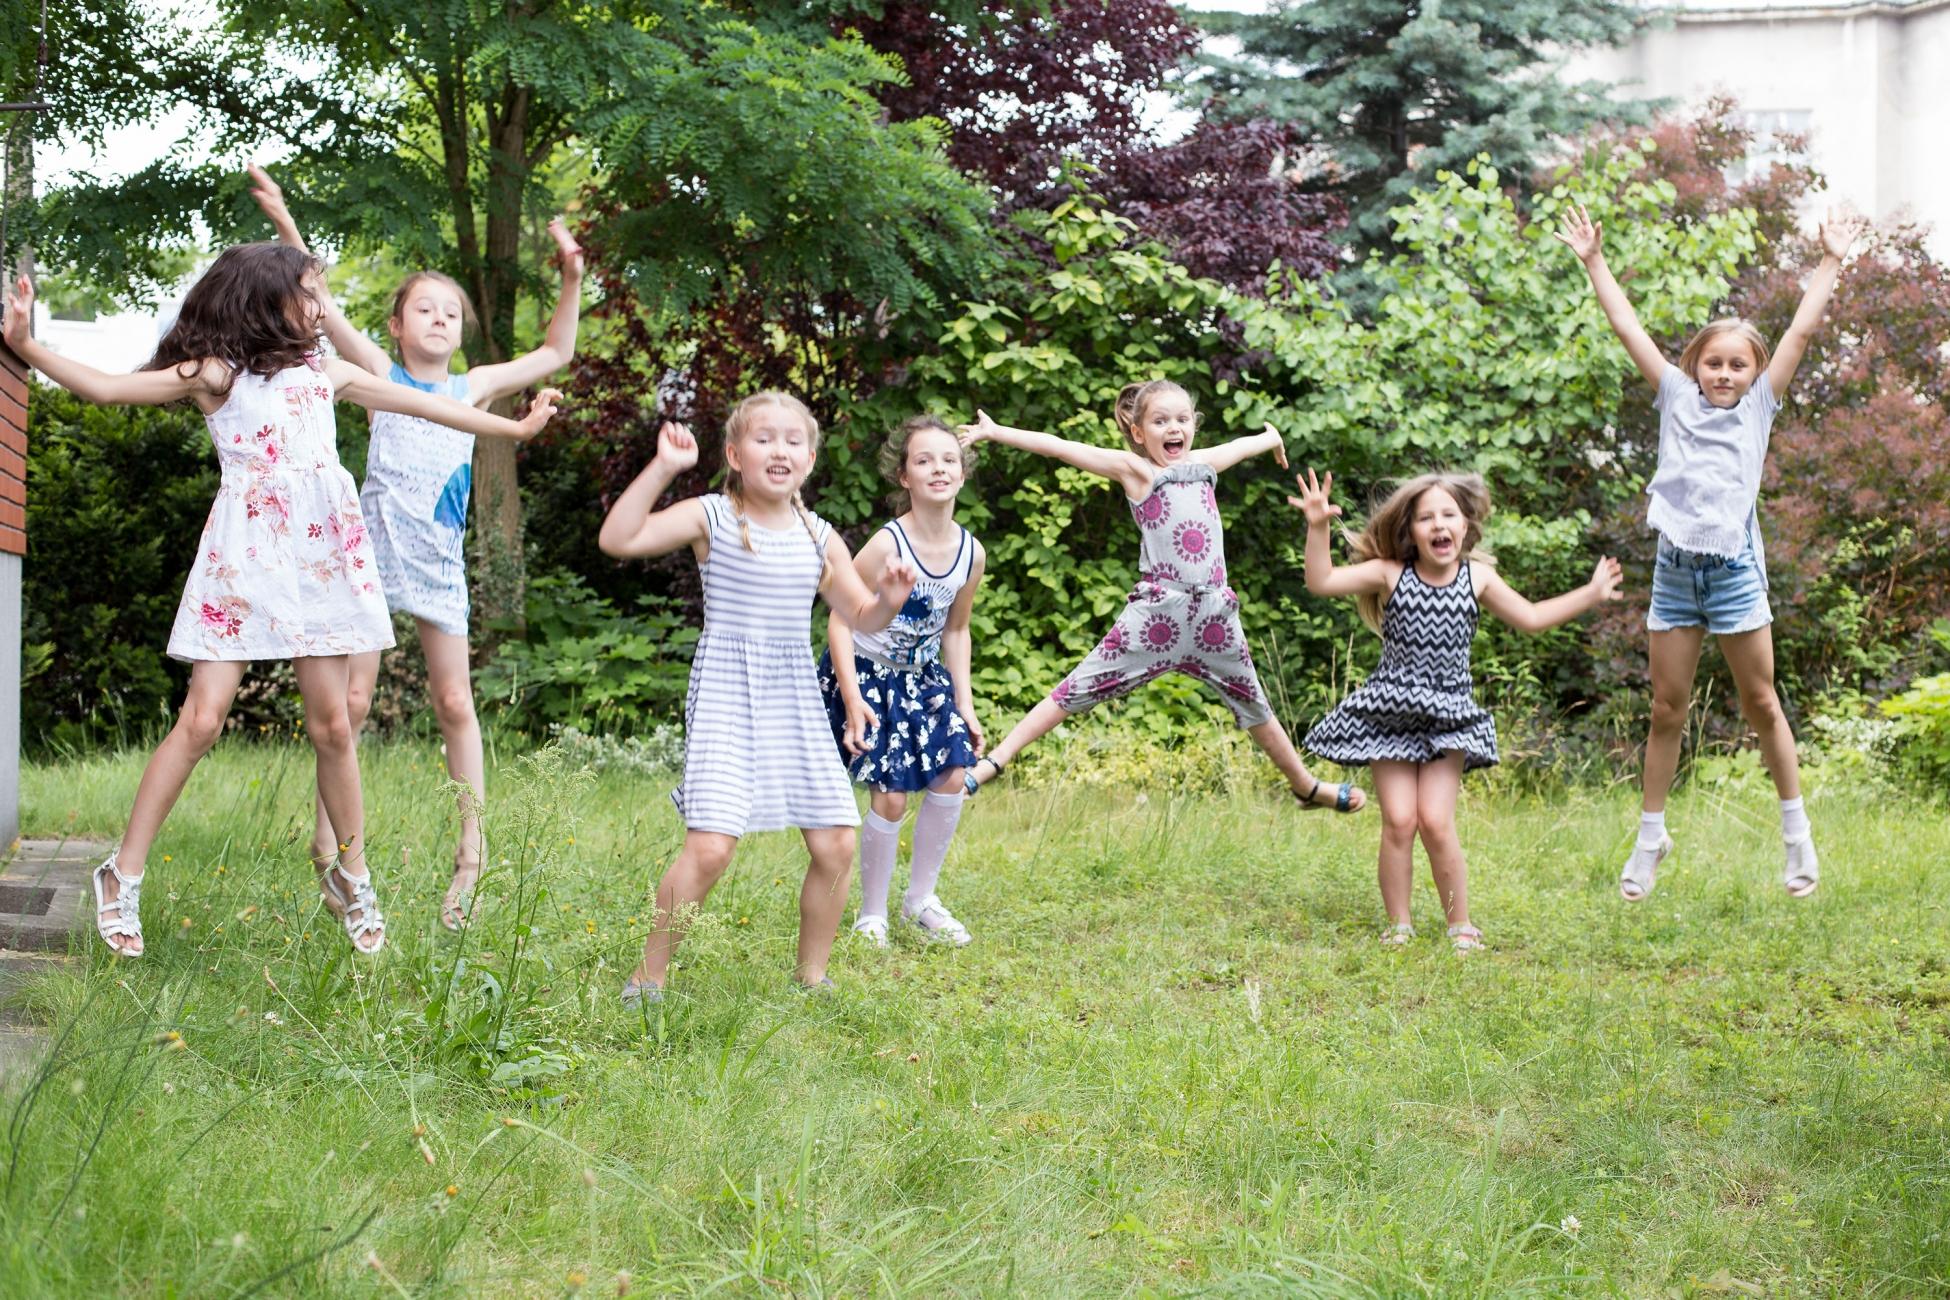 urodzinki-z-sesją-zdjęciową-fotograf-dzieci-młodzież-ola-szczygieł-lubliniec-4